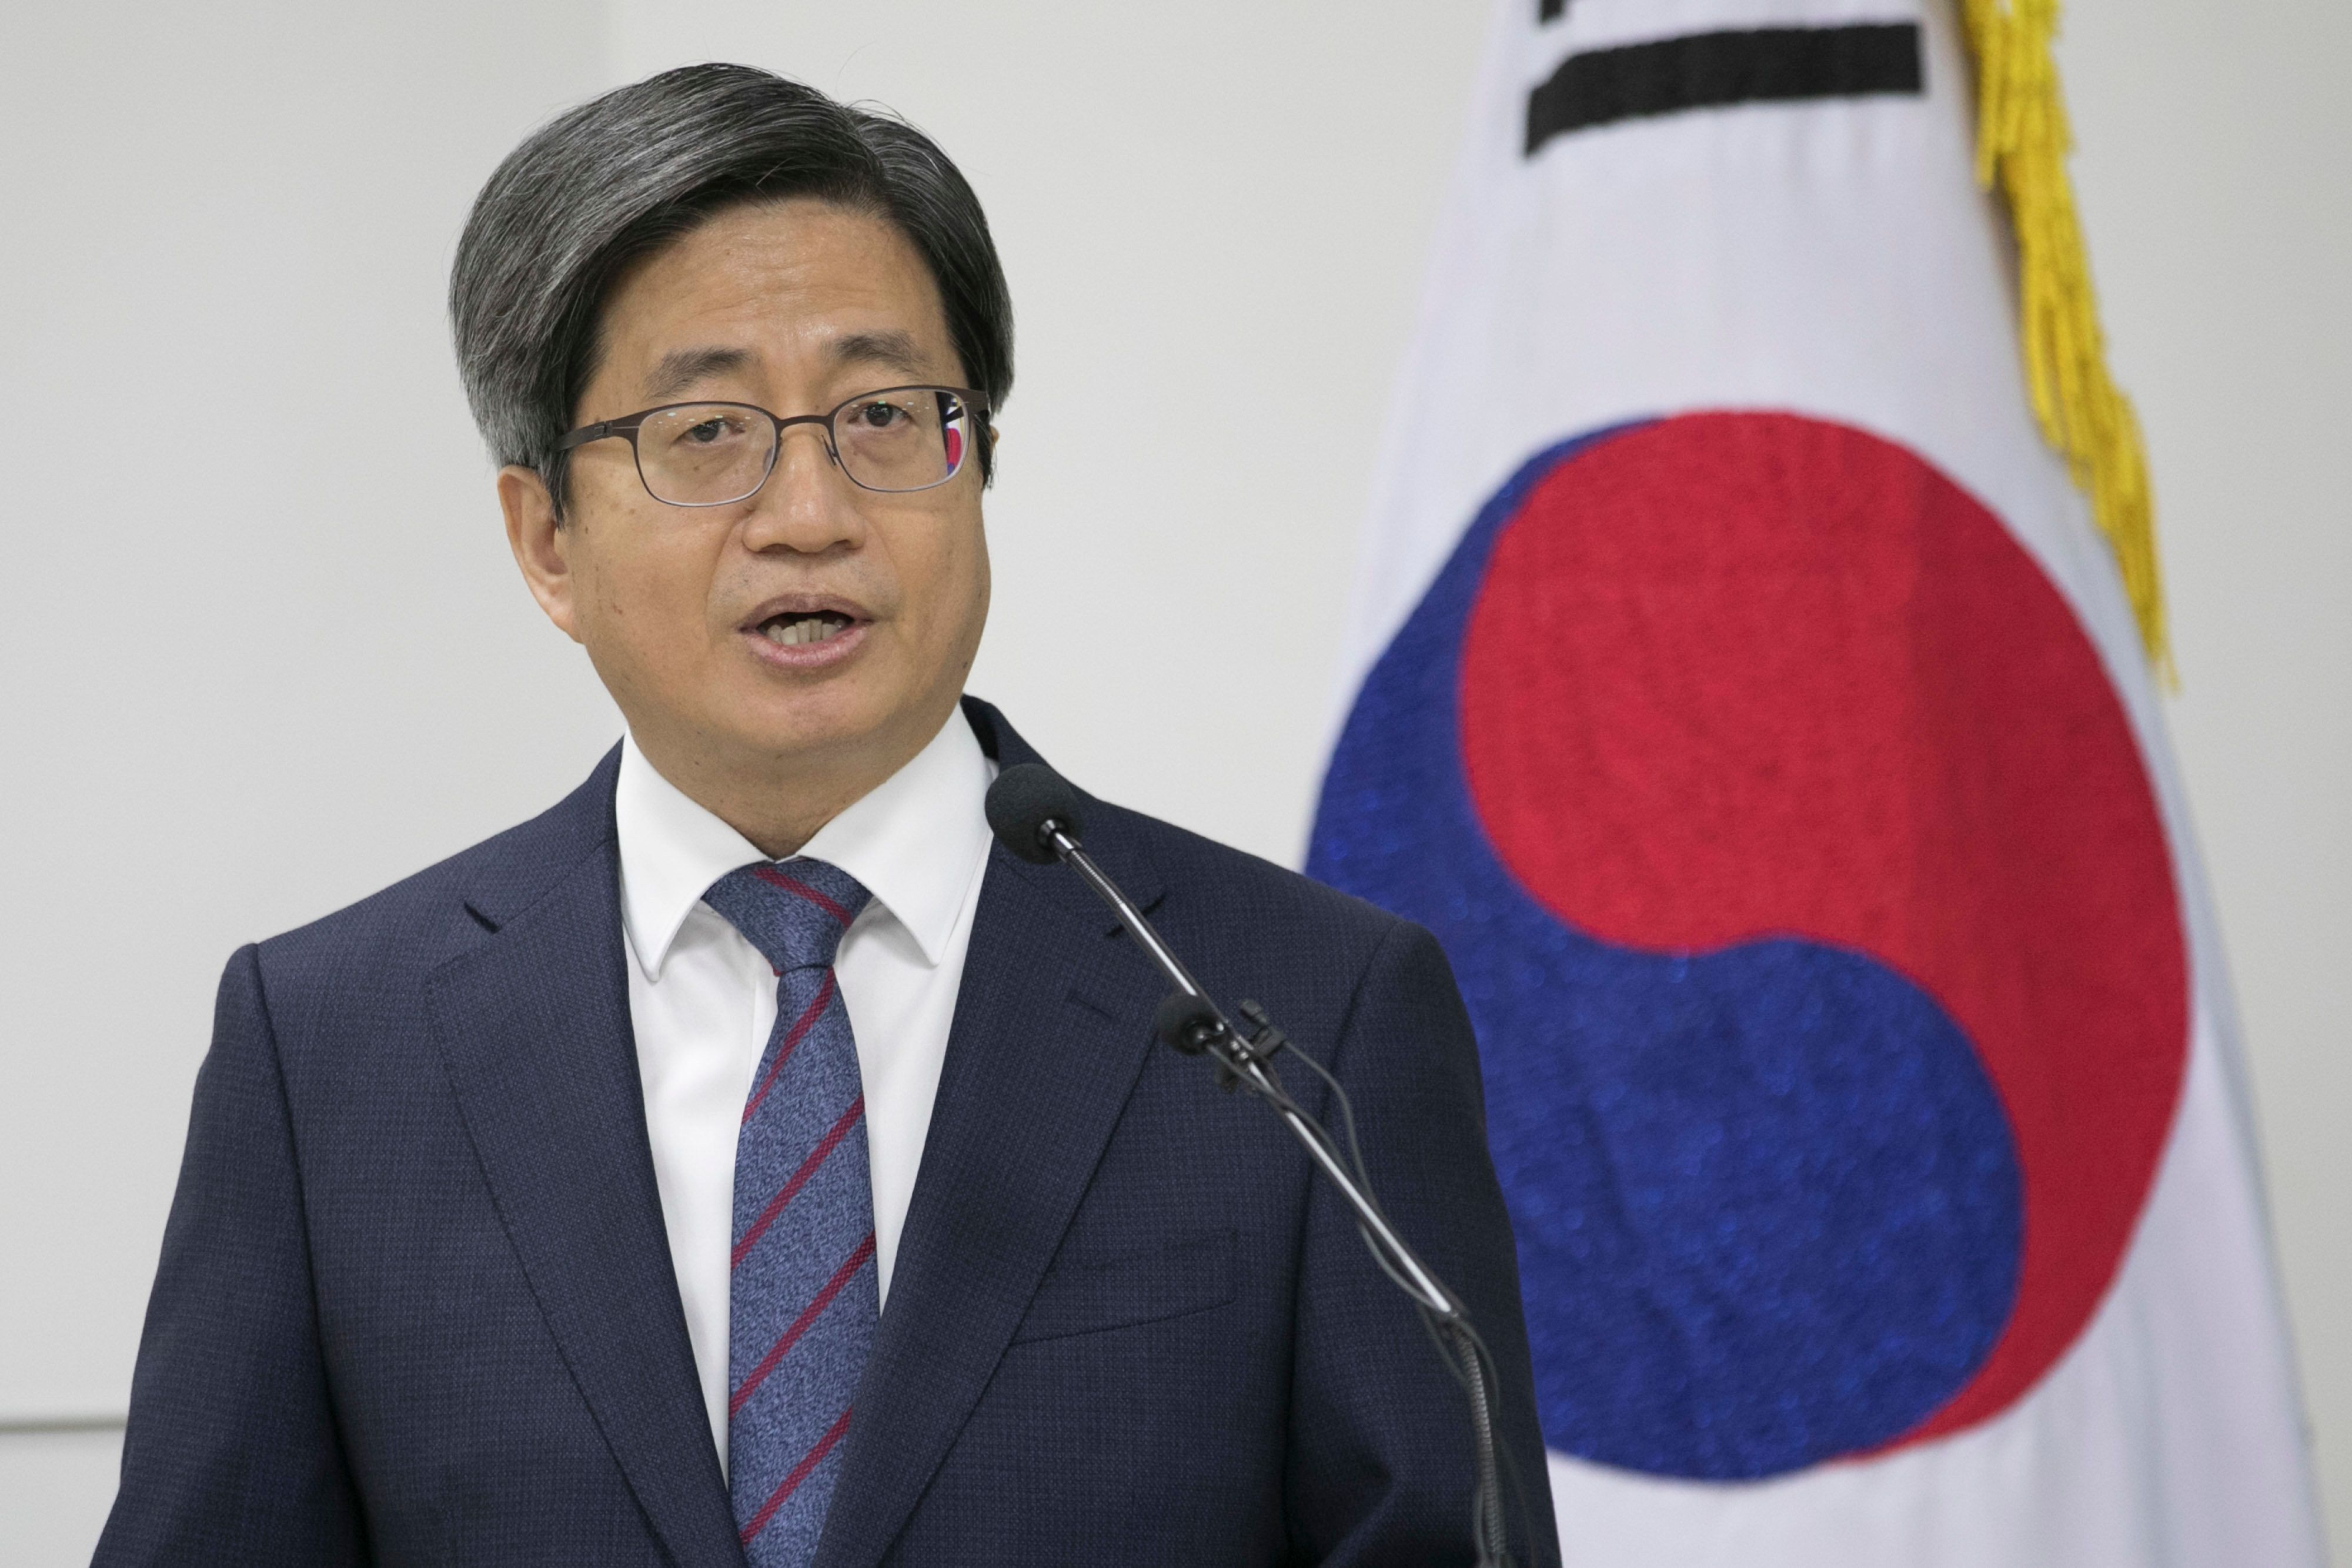 양승태 대법원의 '재판거래' 의혹에 대해 김명수 대법원장이 입장을 밝혔다